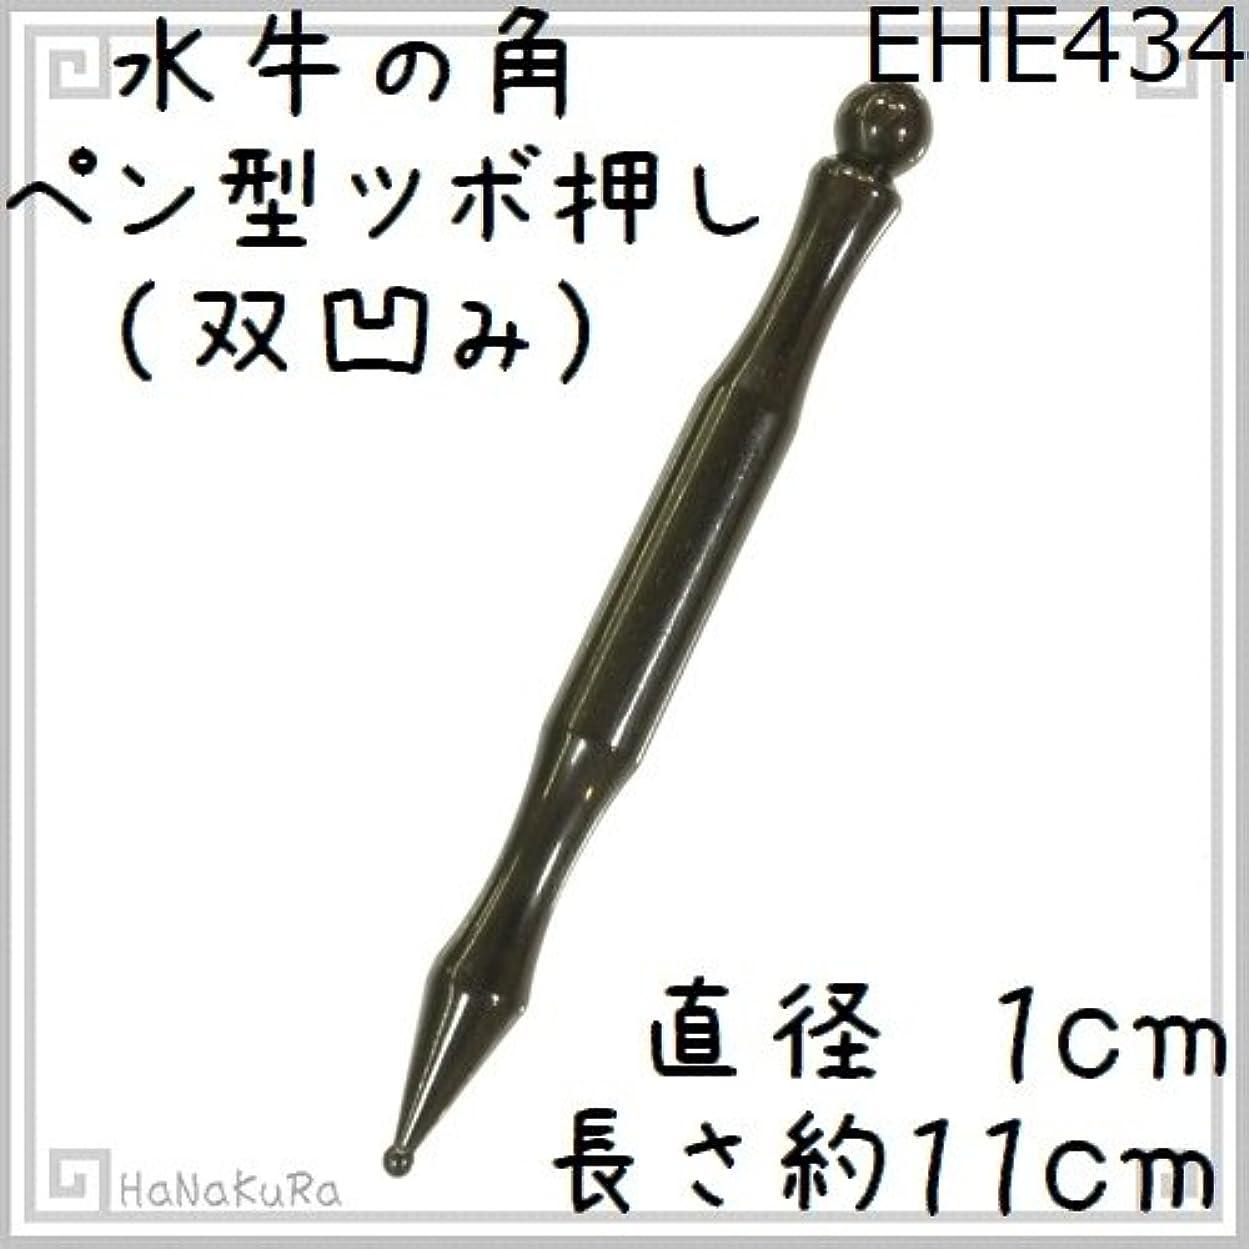 バックアップ観察する塩辛いツボ押し 水牛の角 434 ペン型(双凹)